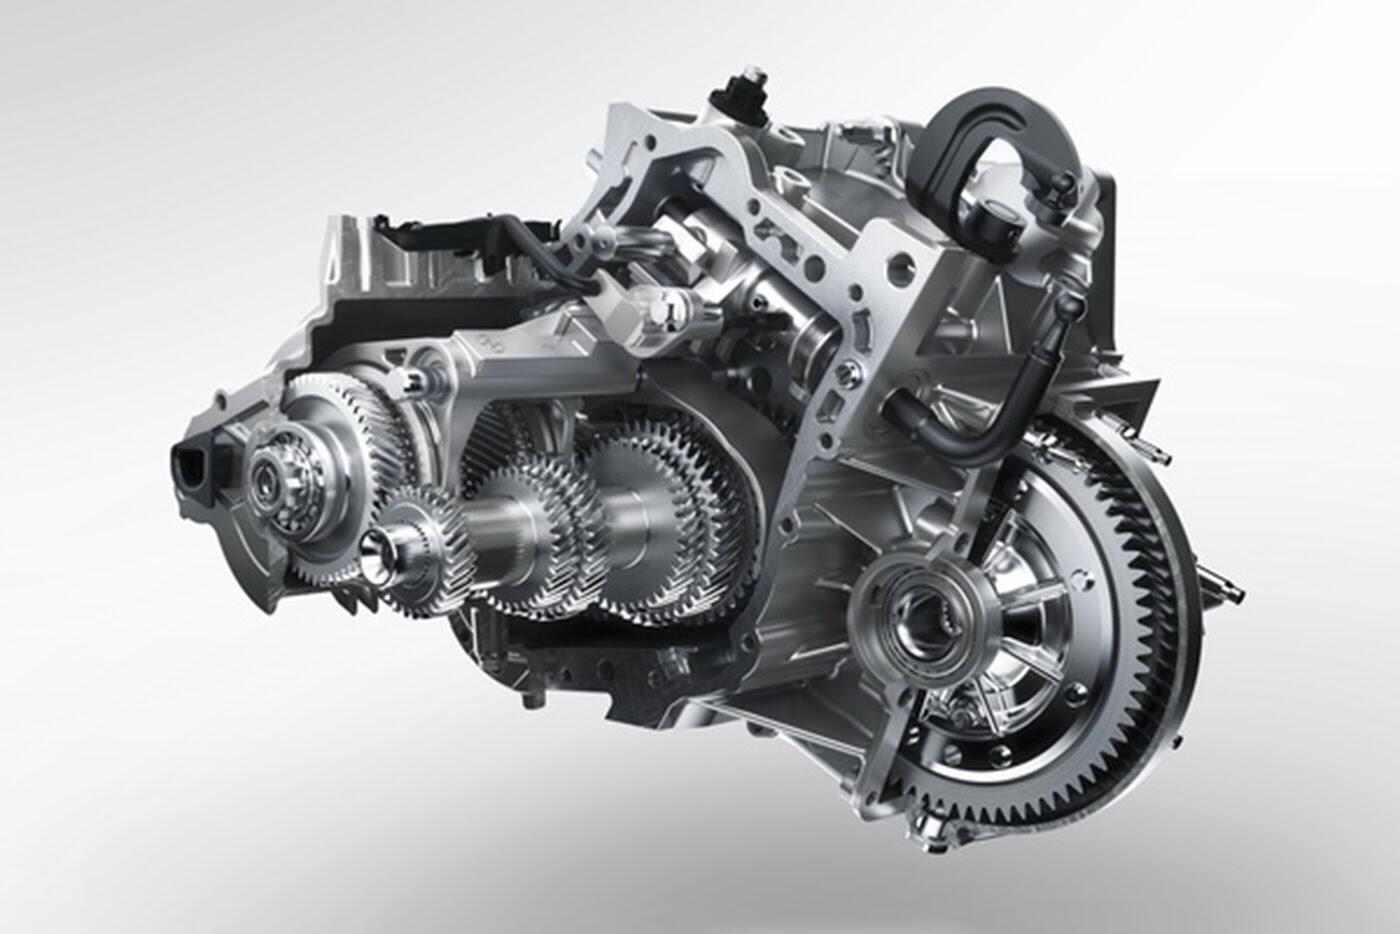 Thêm thông tin về động cơ của Peugeot 308 bản nâng cấp 2018 - Hình 8